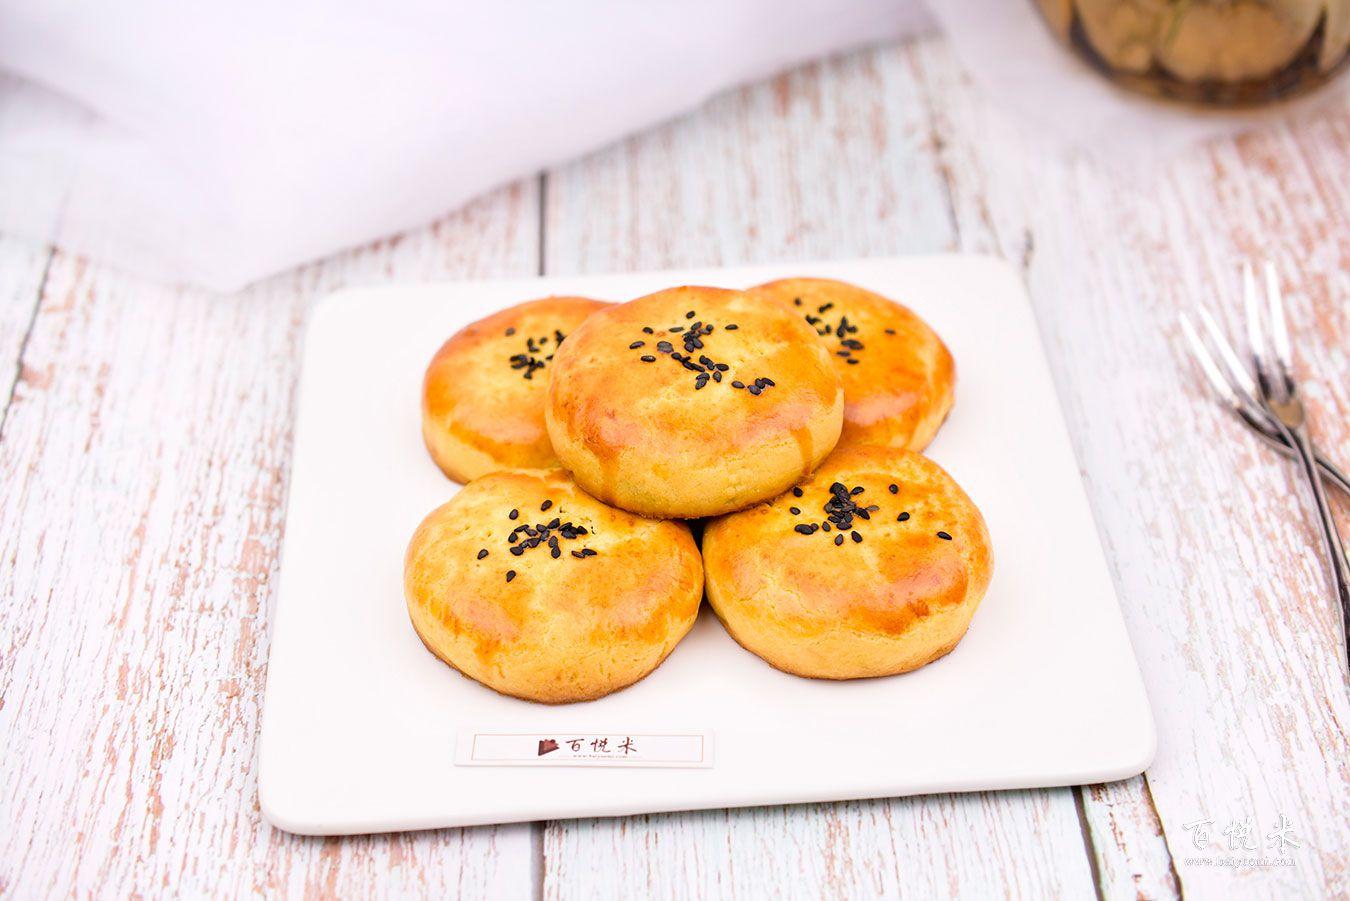 红豆酥高清图片大全【蛋糕图片】_595